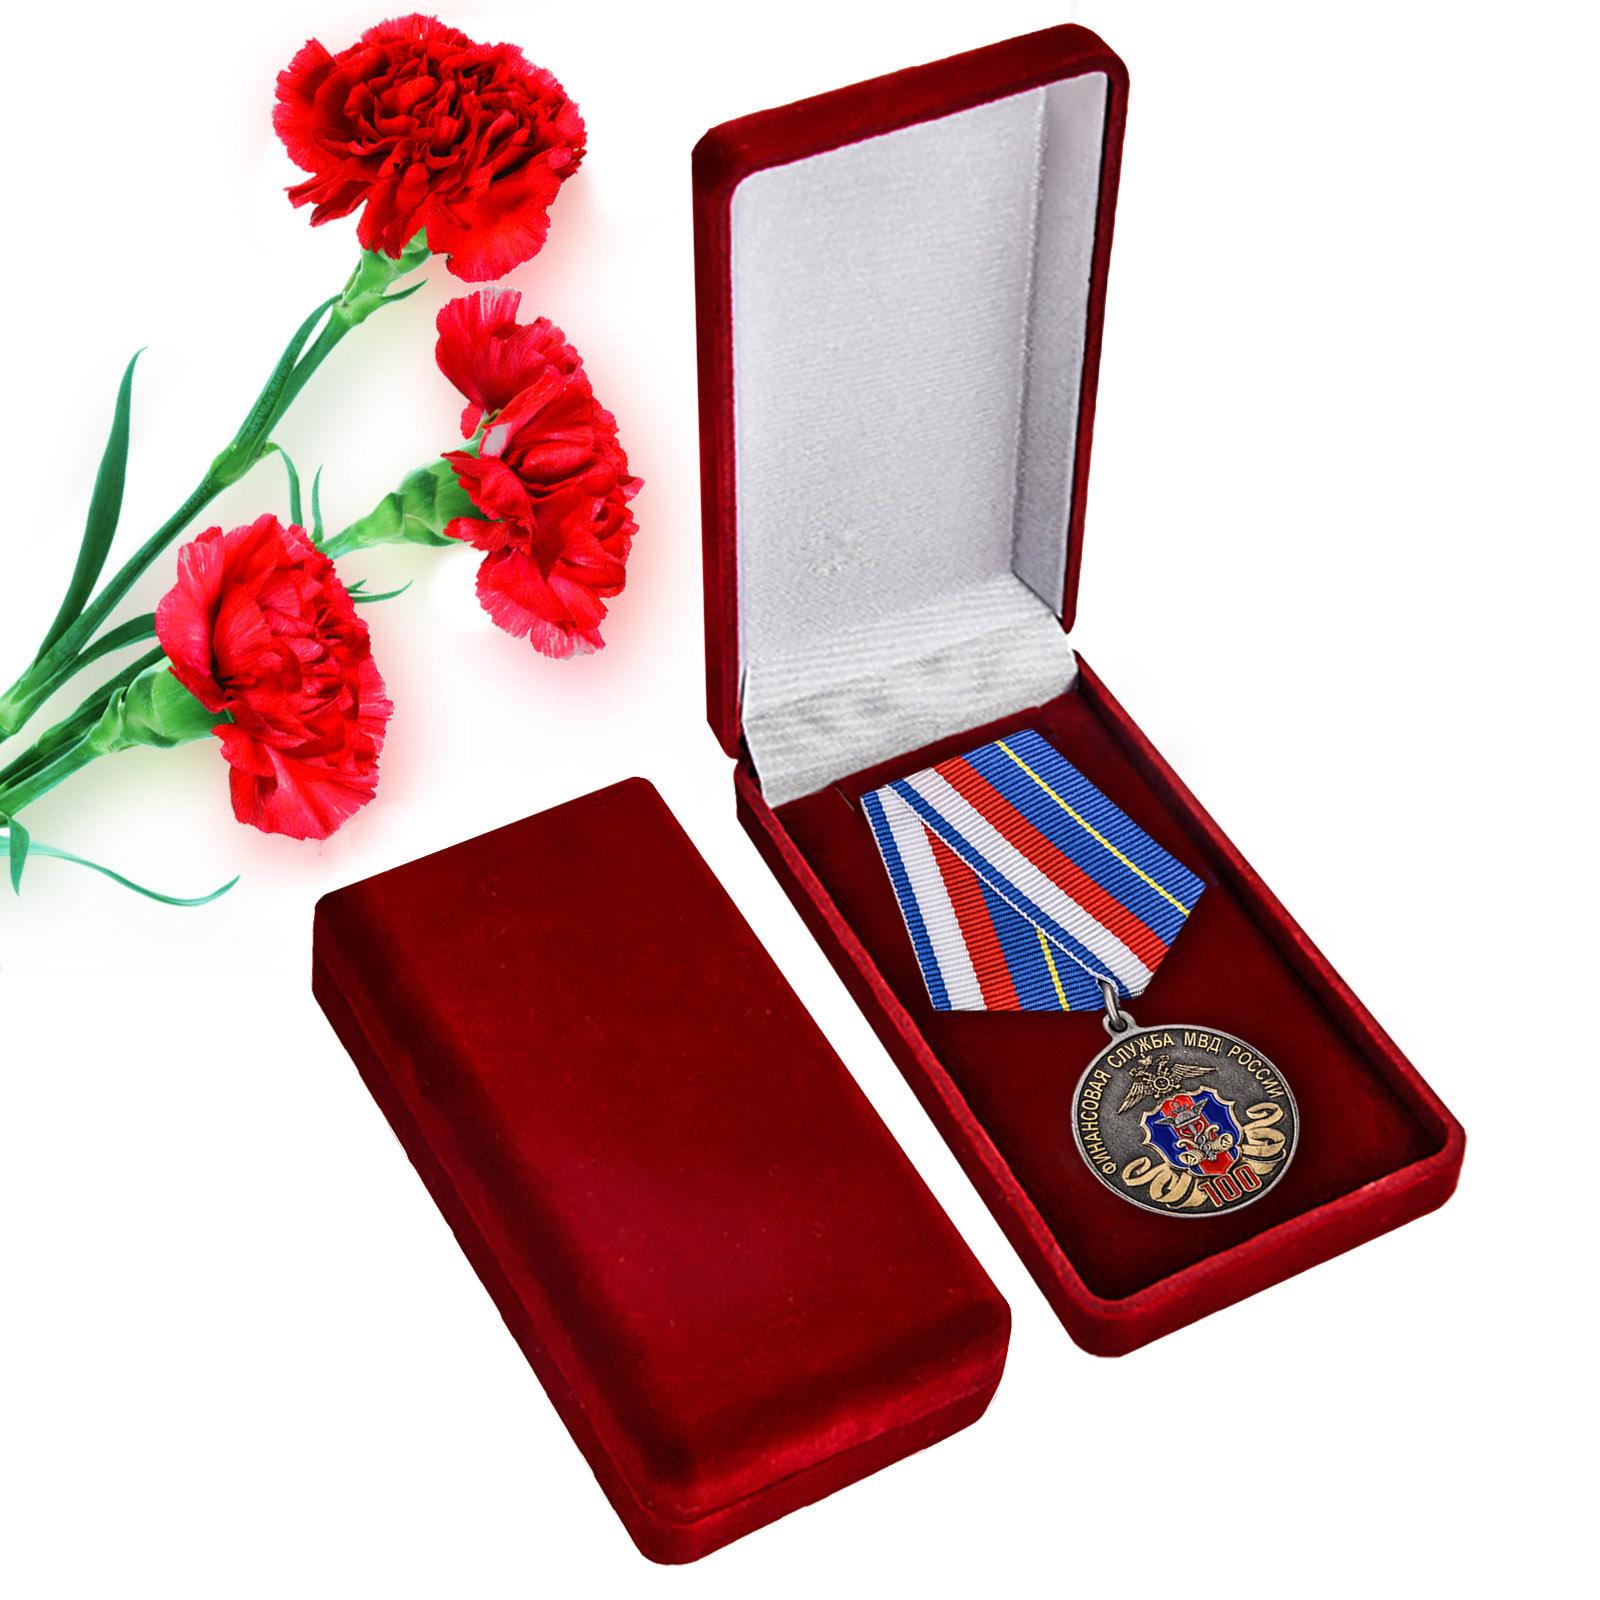 Юбилейная медаль 100 лет Финансовой службе МВД России